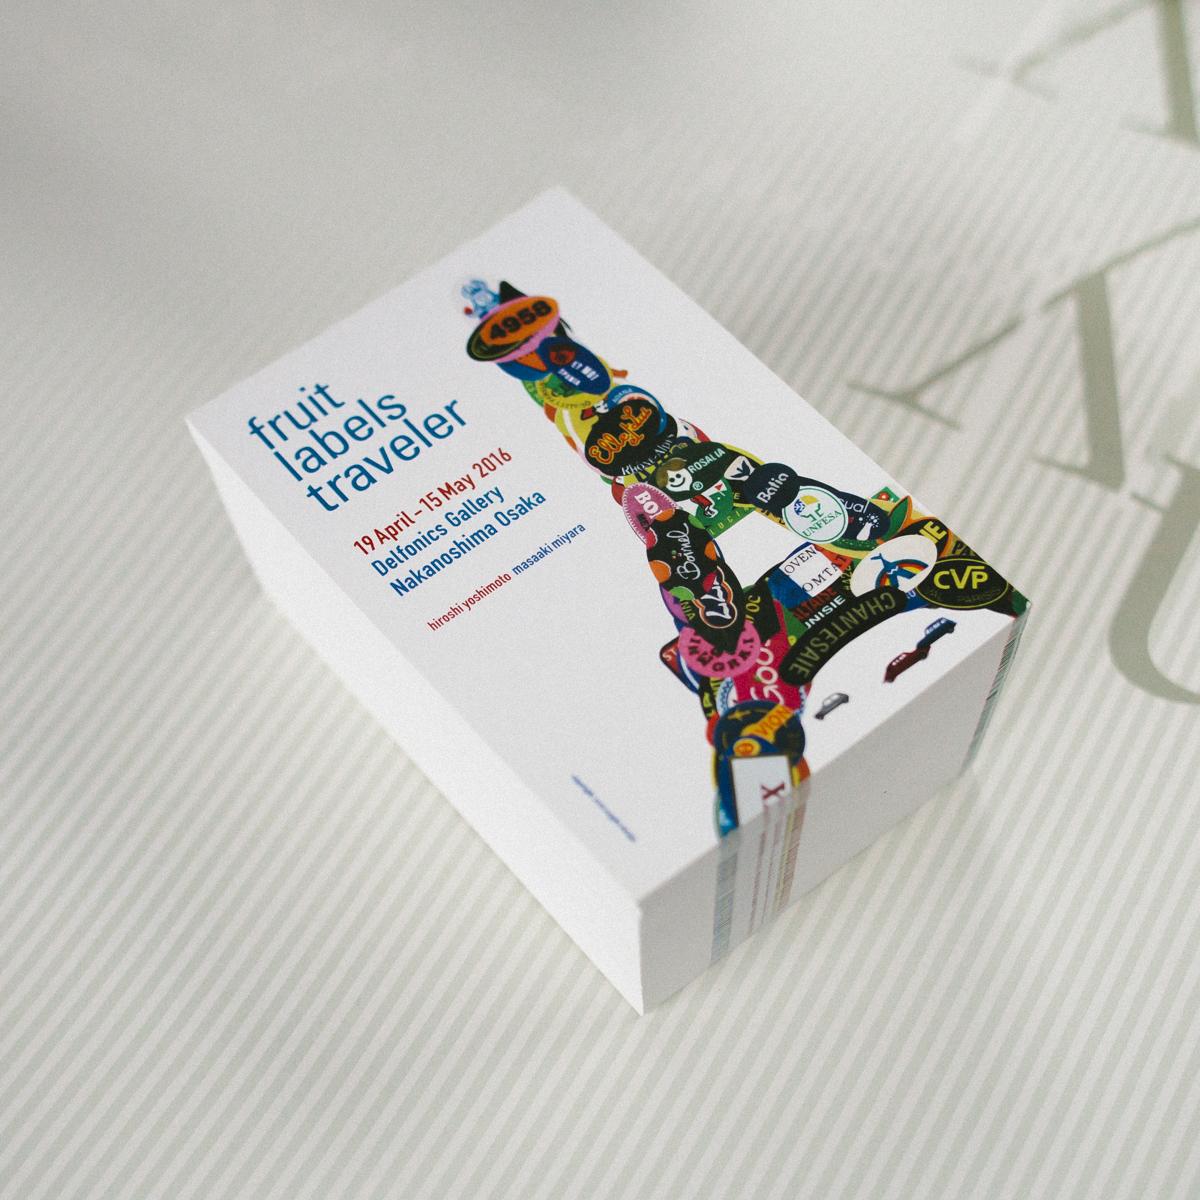 旅するフルーツシール展 デルフォニックス大阪ギャラリー DMポストカード (c)Masaaki Miyara